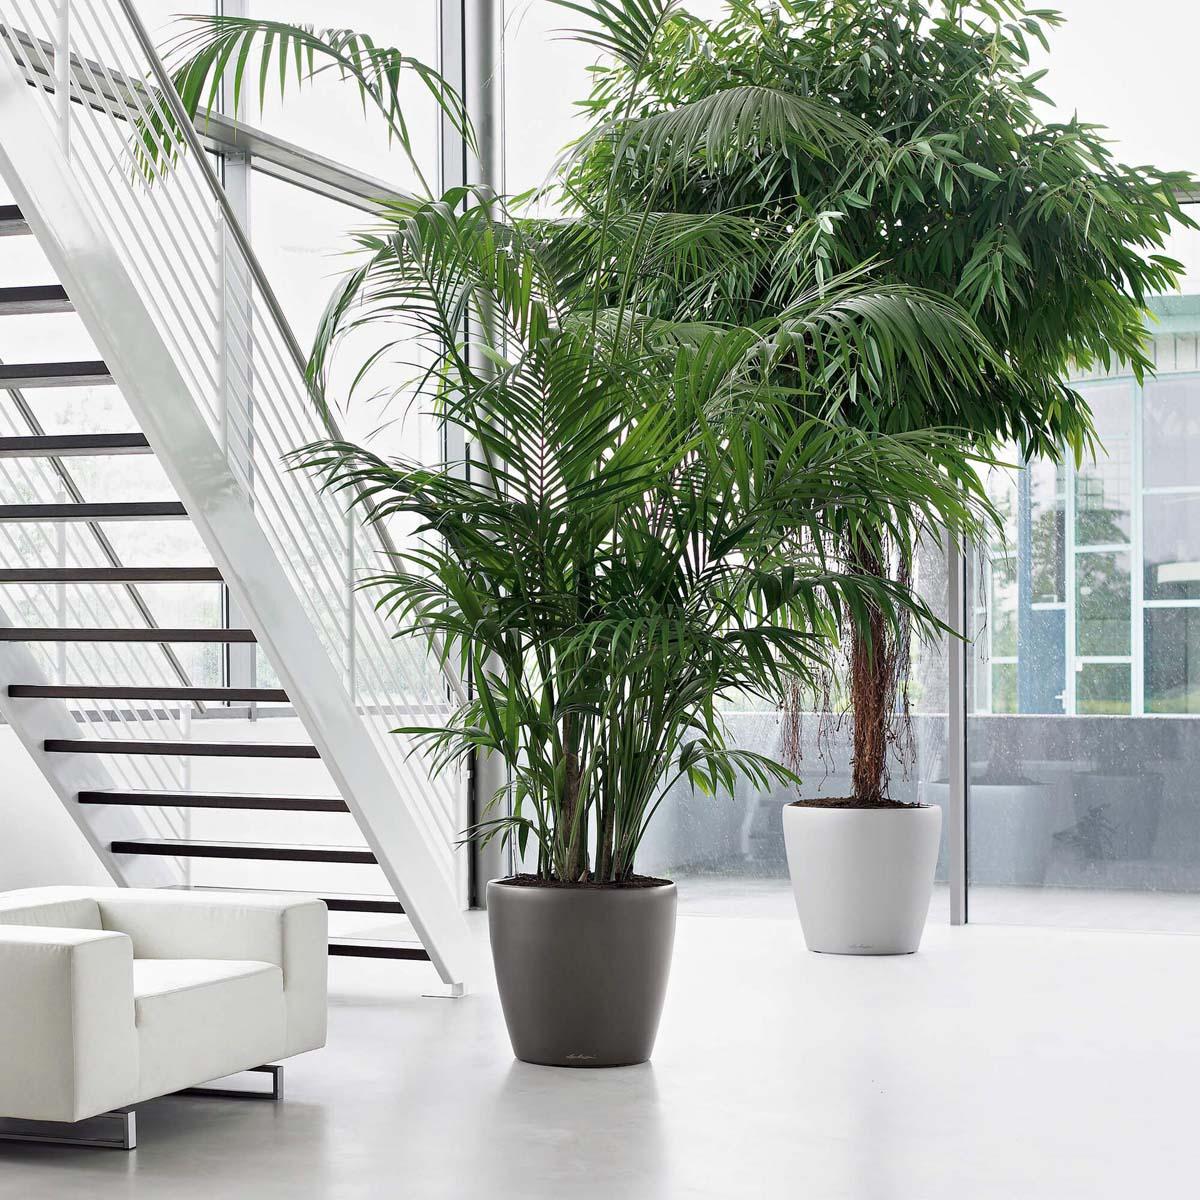 Vasi Per Piante Da Terrazzo vasi e contenitori per piante da interno ed esterno - vasi